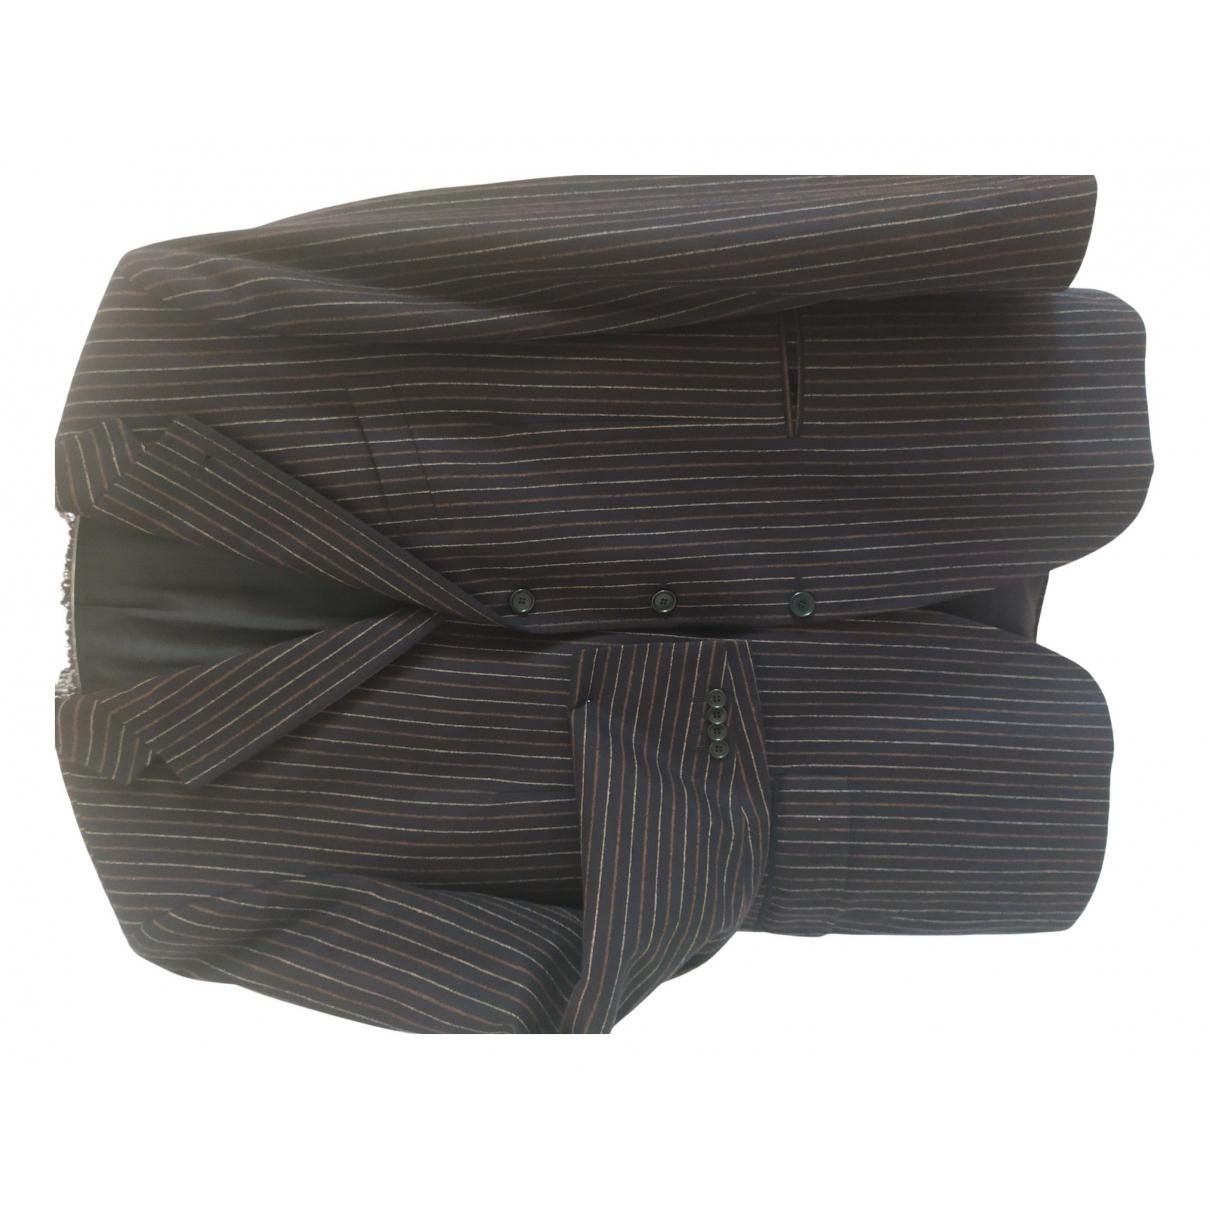 Tagliatore - Vestes.Blousons   pour homme en laine - bleu